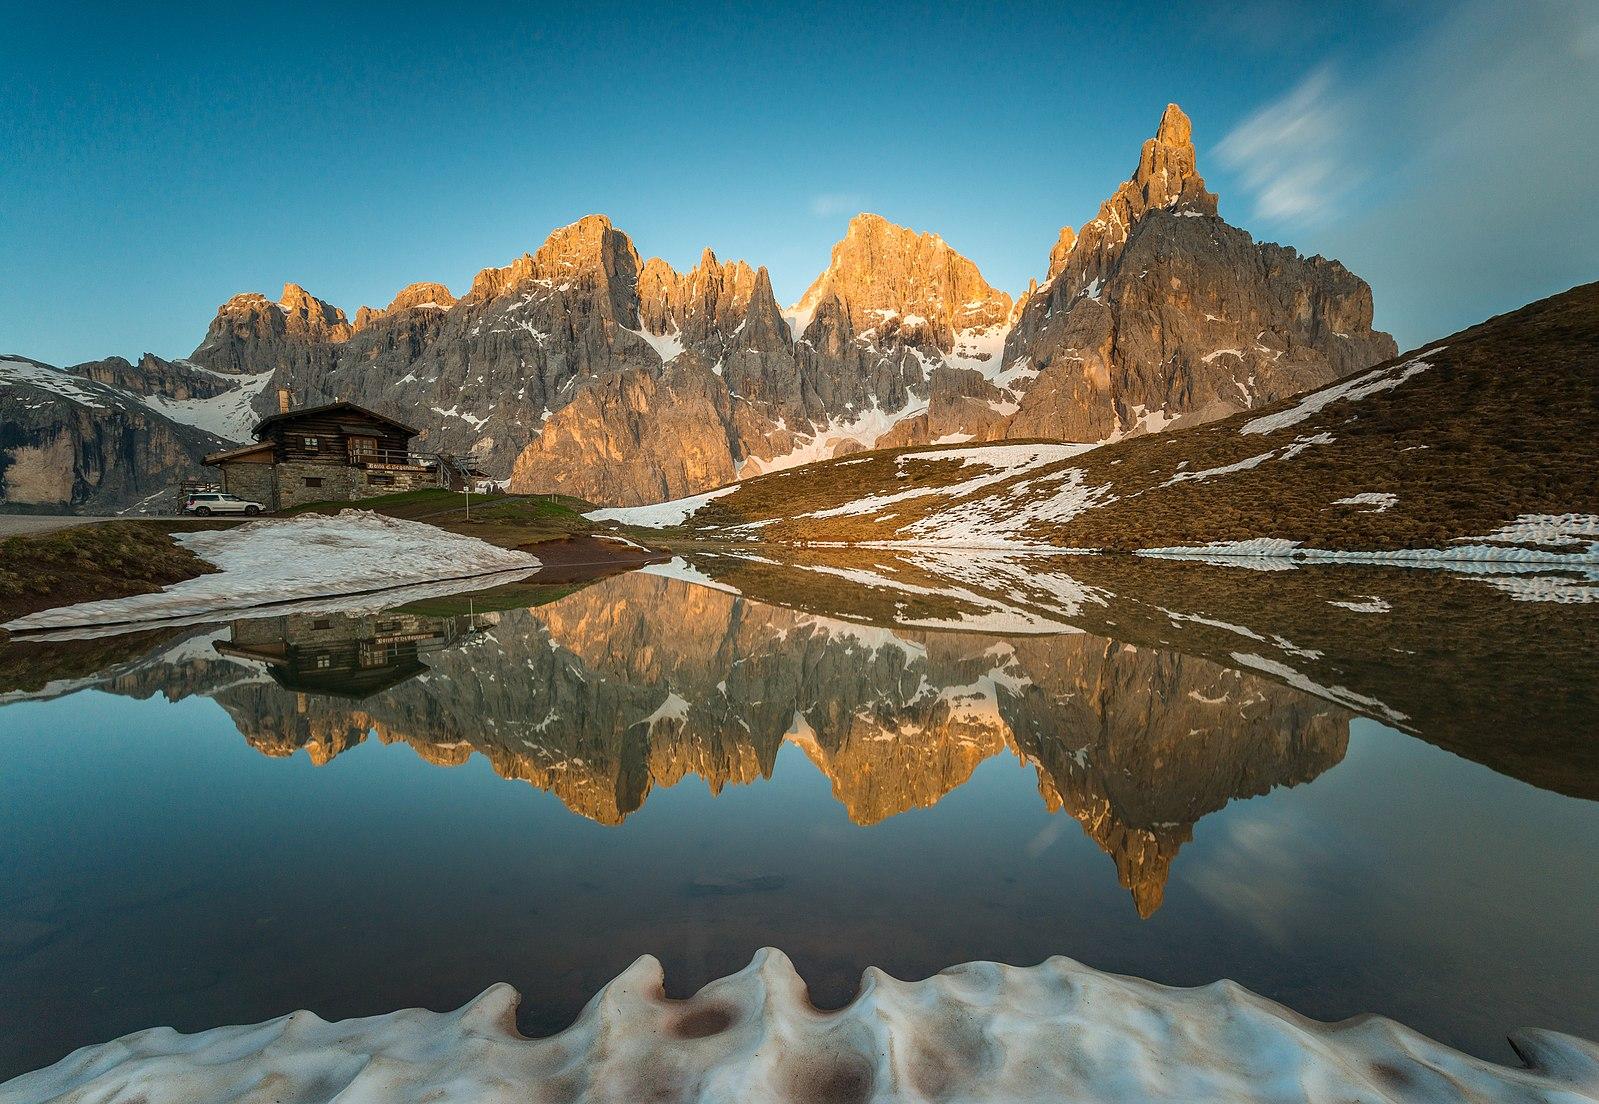 【義大利】健行在阿爾卑斯的絕美秘境:多洛米提山脈 (The Dolomites) 行程規劃全攻略 22